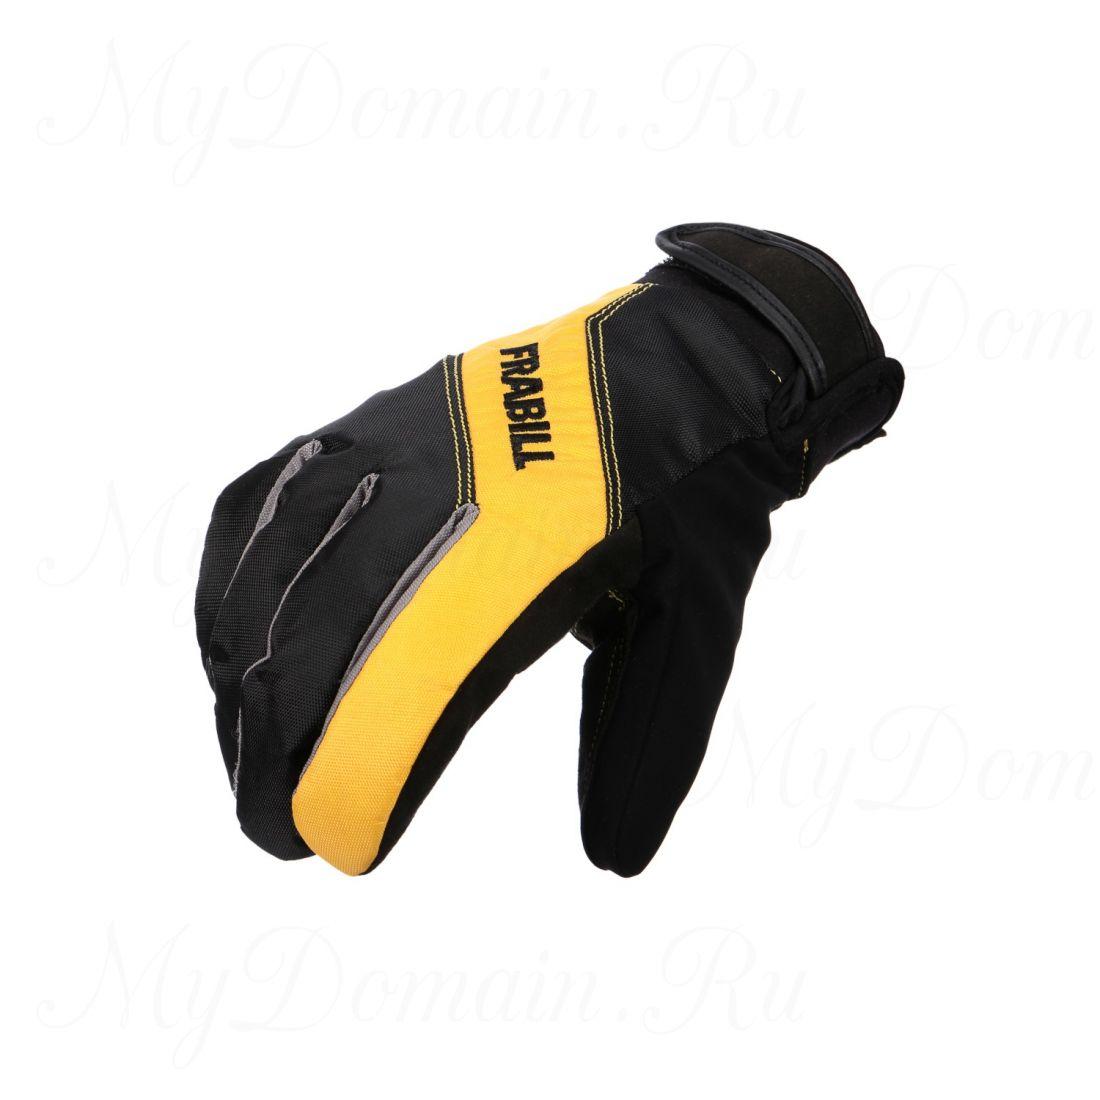 Перчатки Frabill Task Glove ALP водо/ветрозащитные дышащие черные размер 2XL